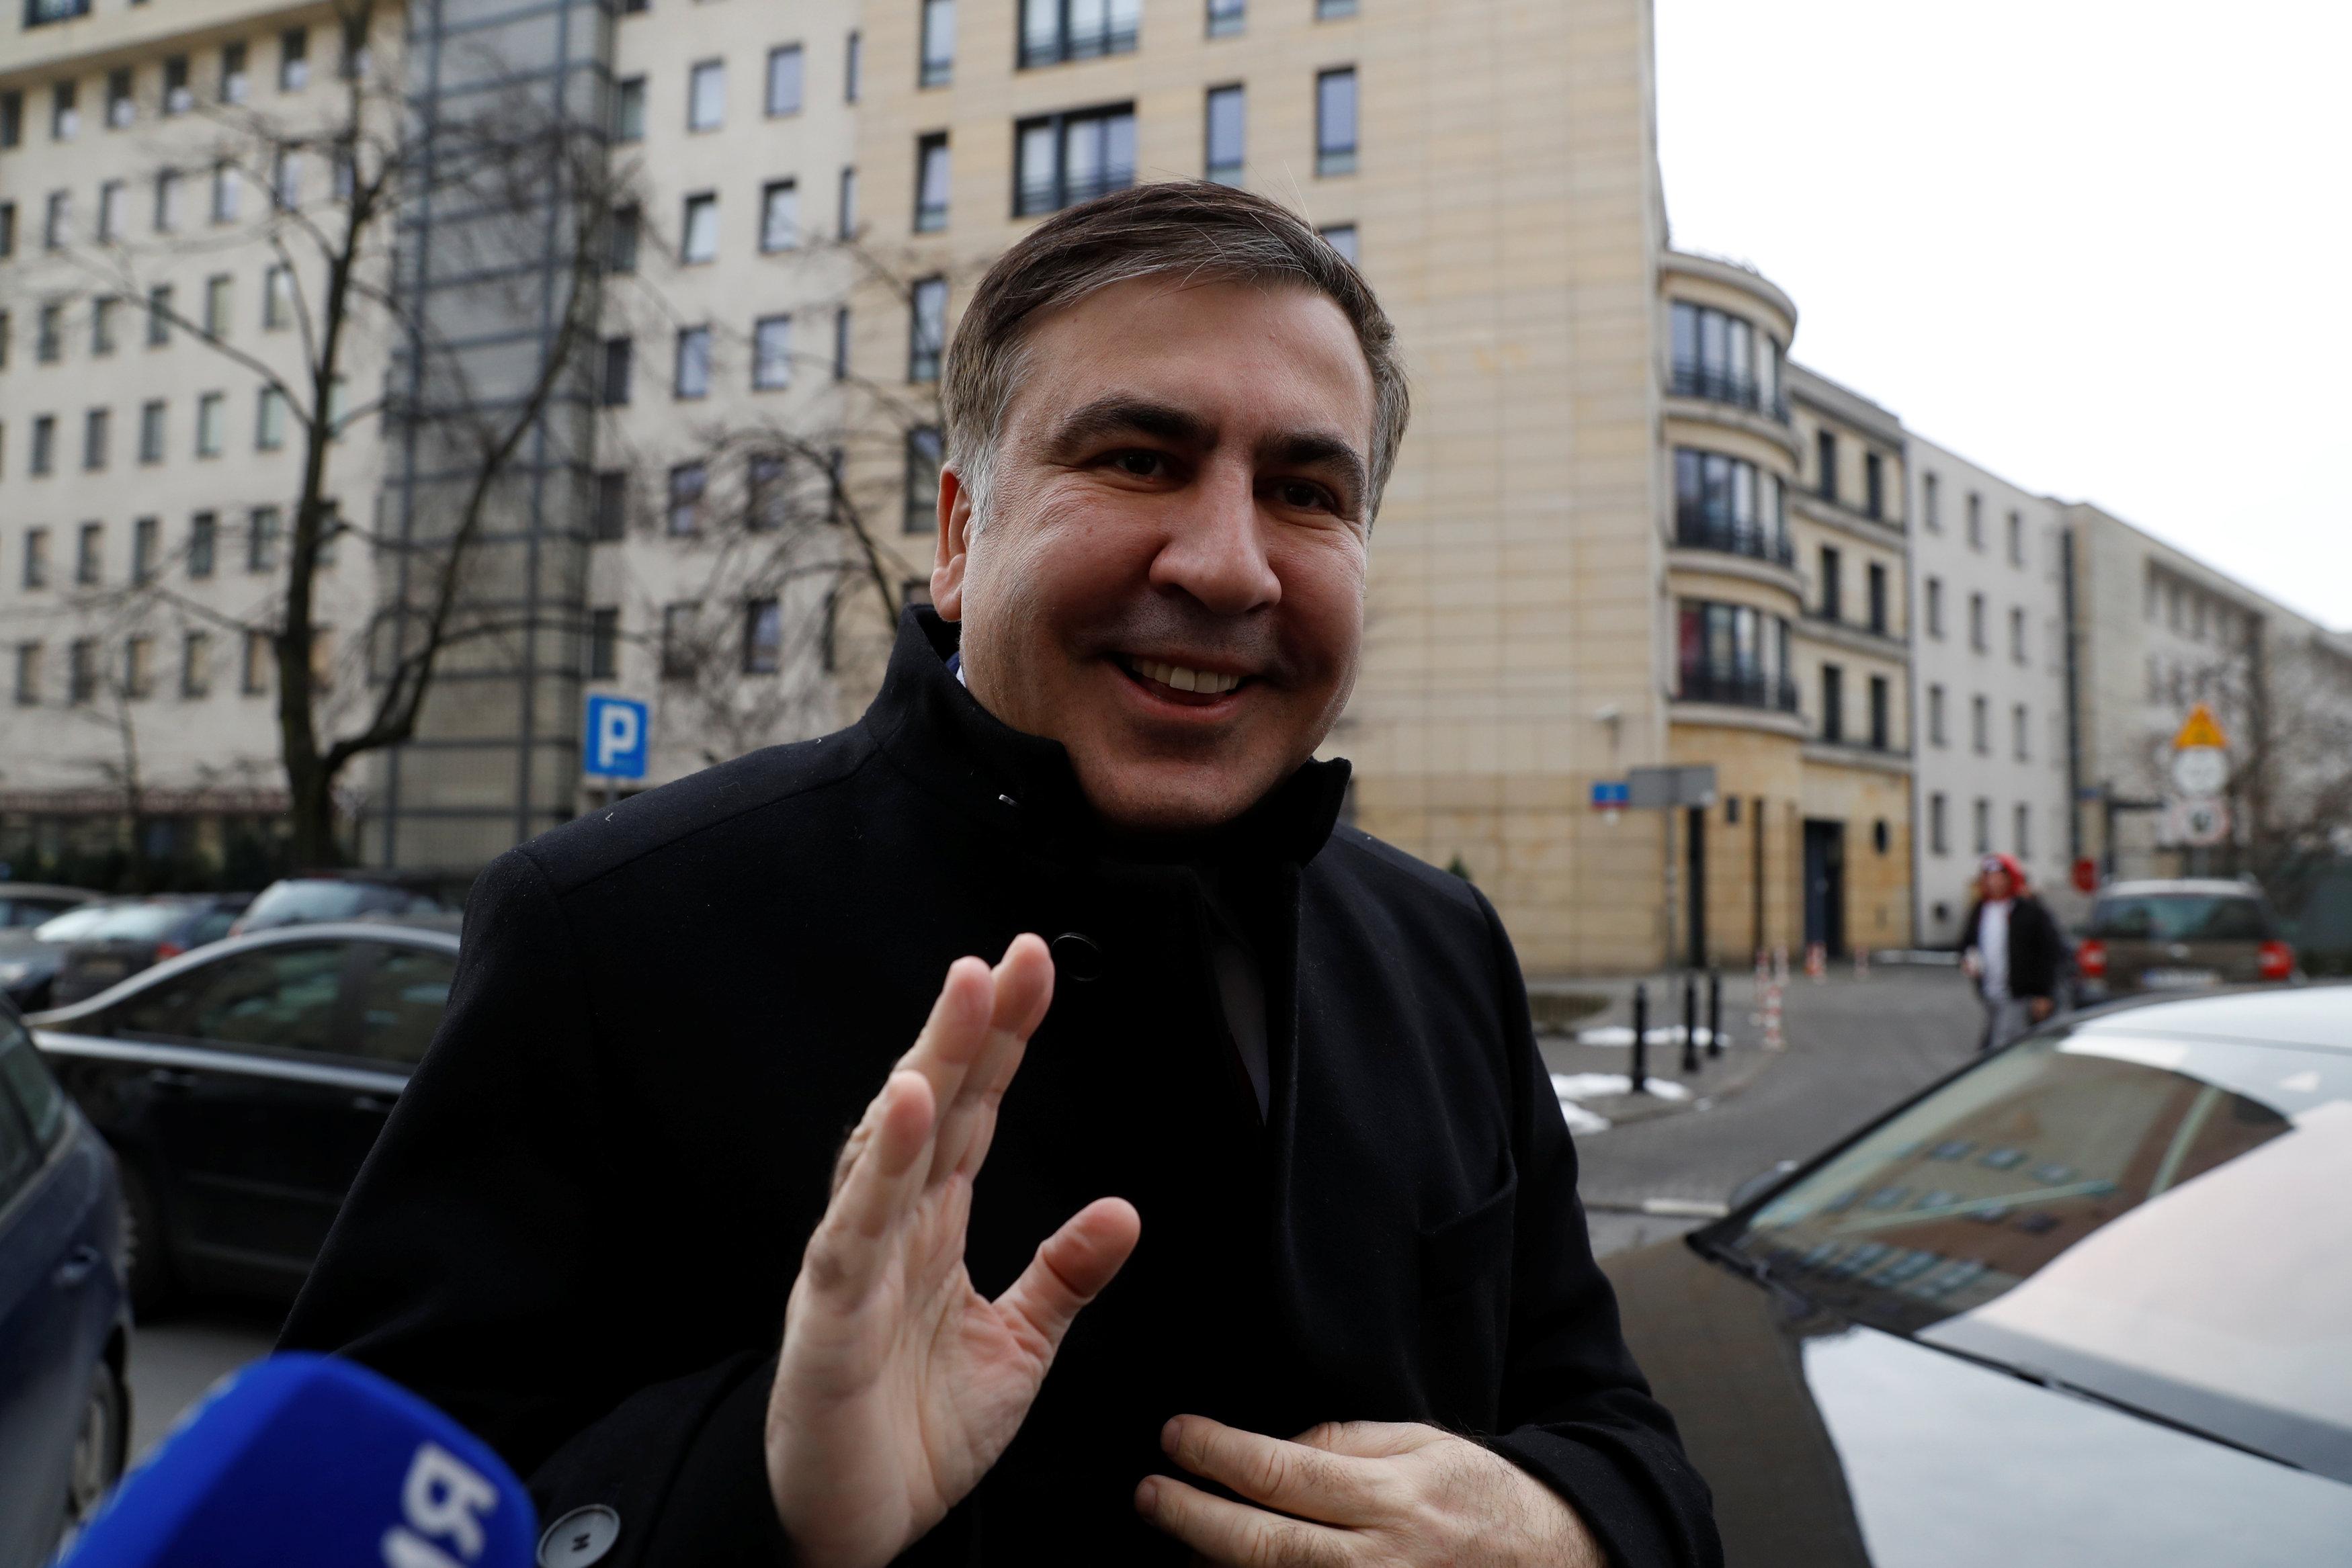 Михеил Саакашвили хочет вернуться в Украину 1 апреля, в ГПСУ сообщили, что не пустят его в страну